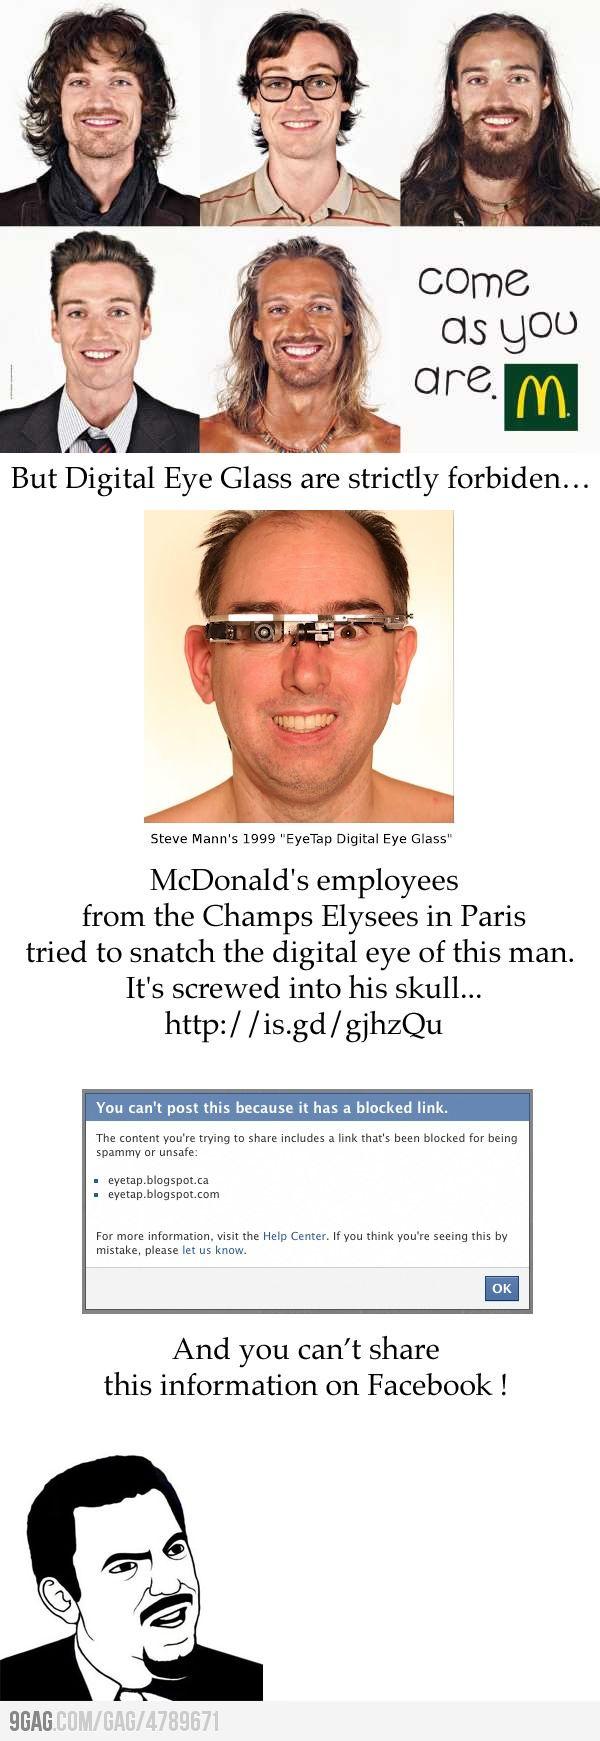 L'affaire #McDo vue par 9gag !